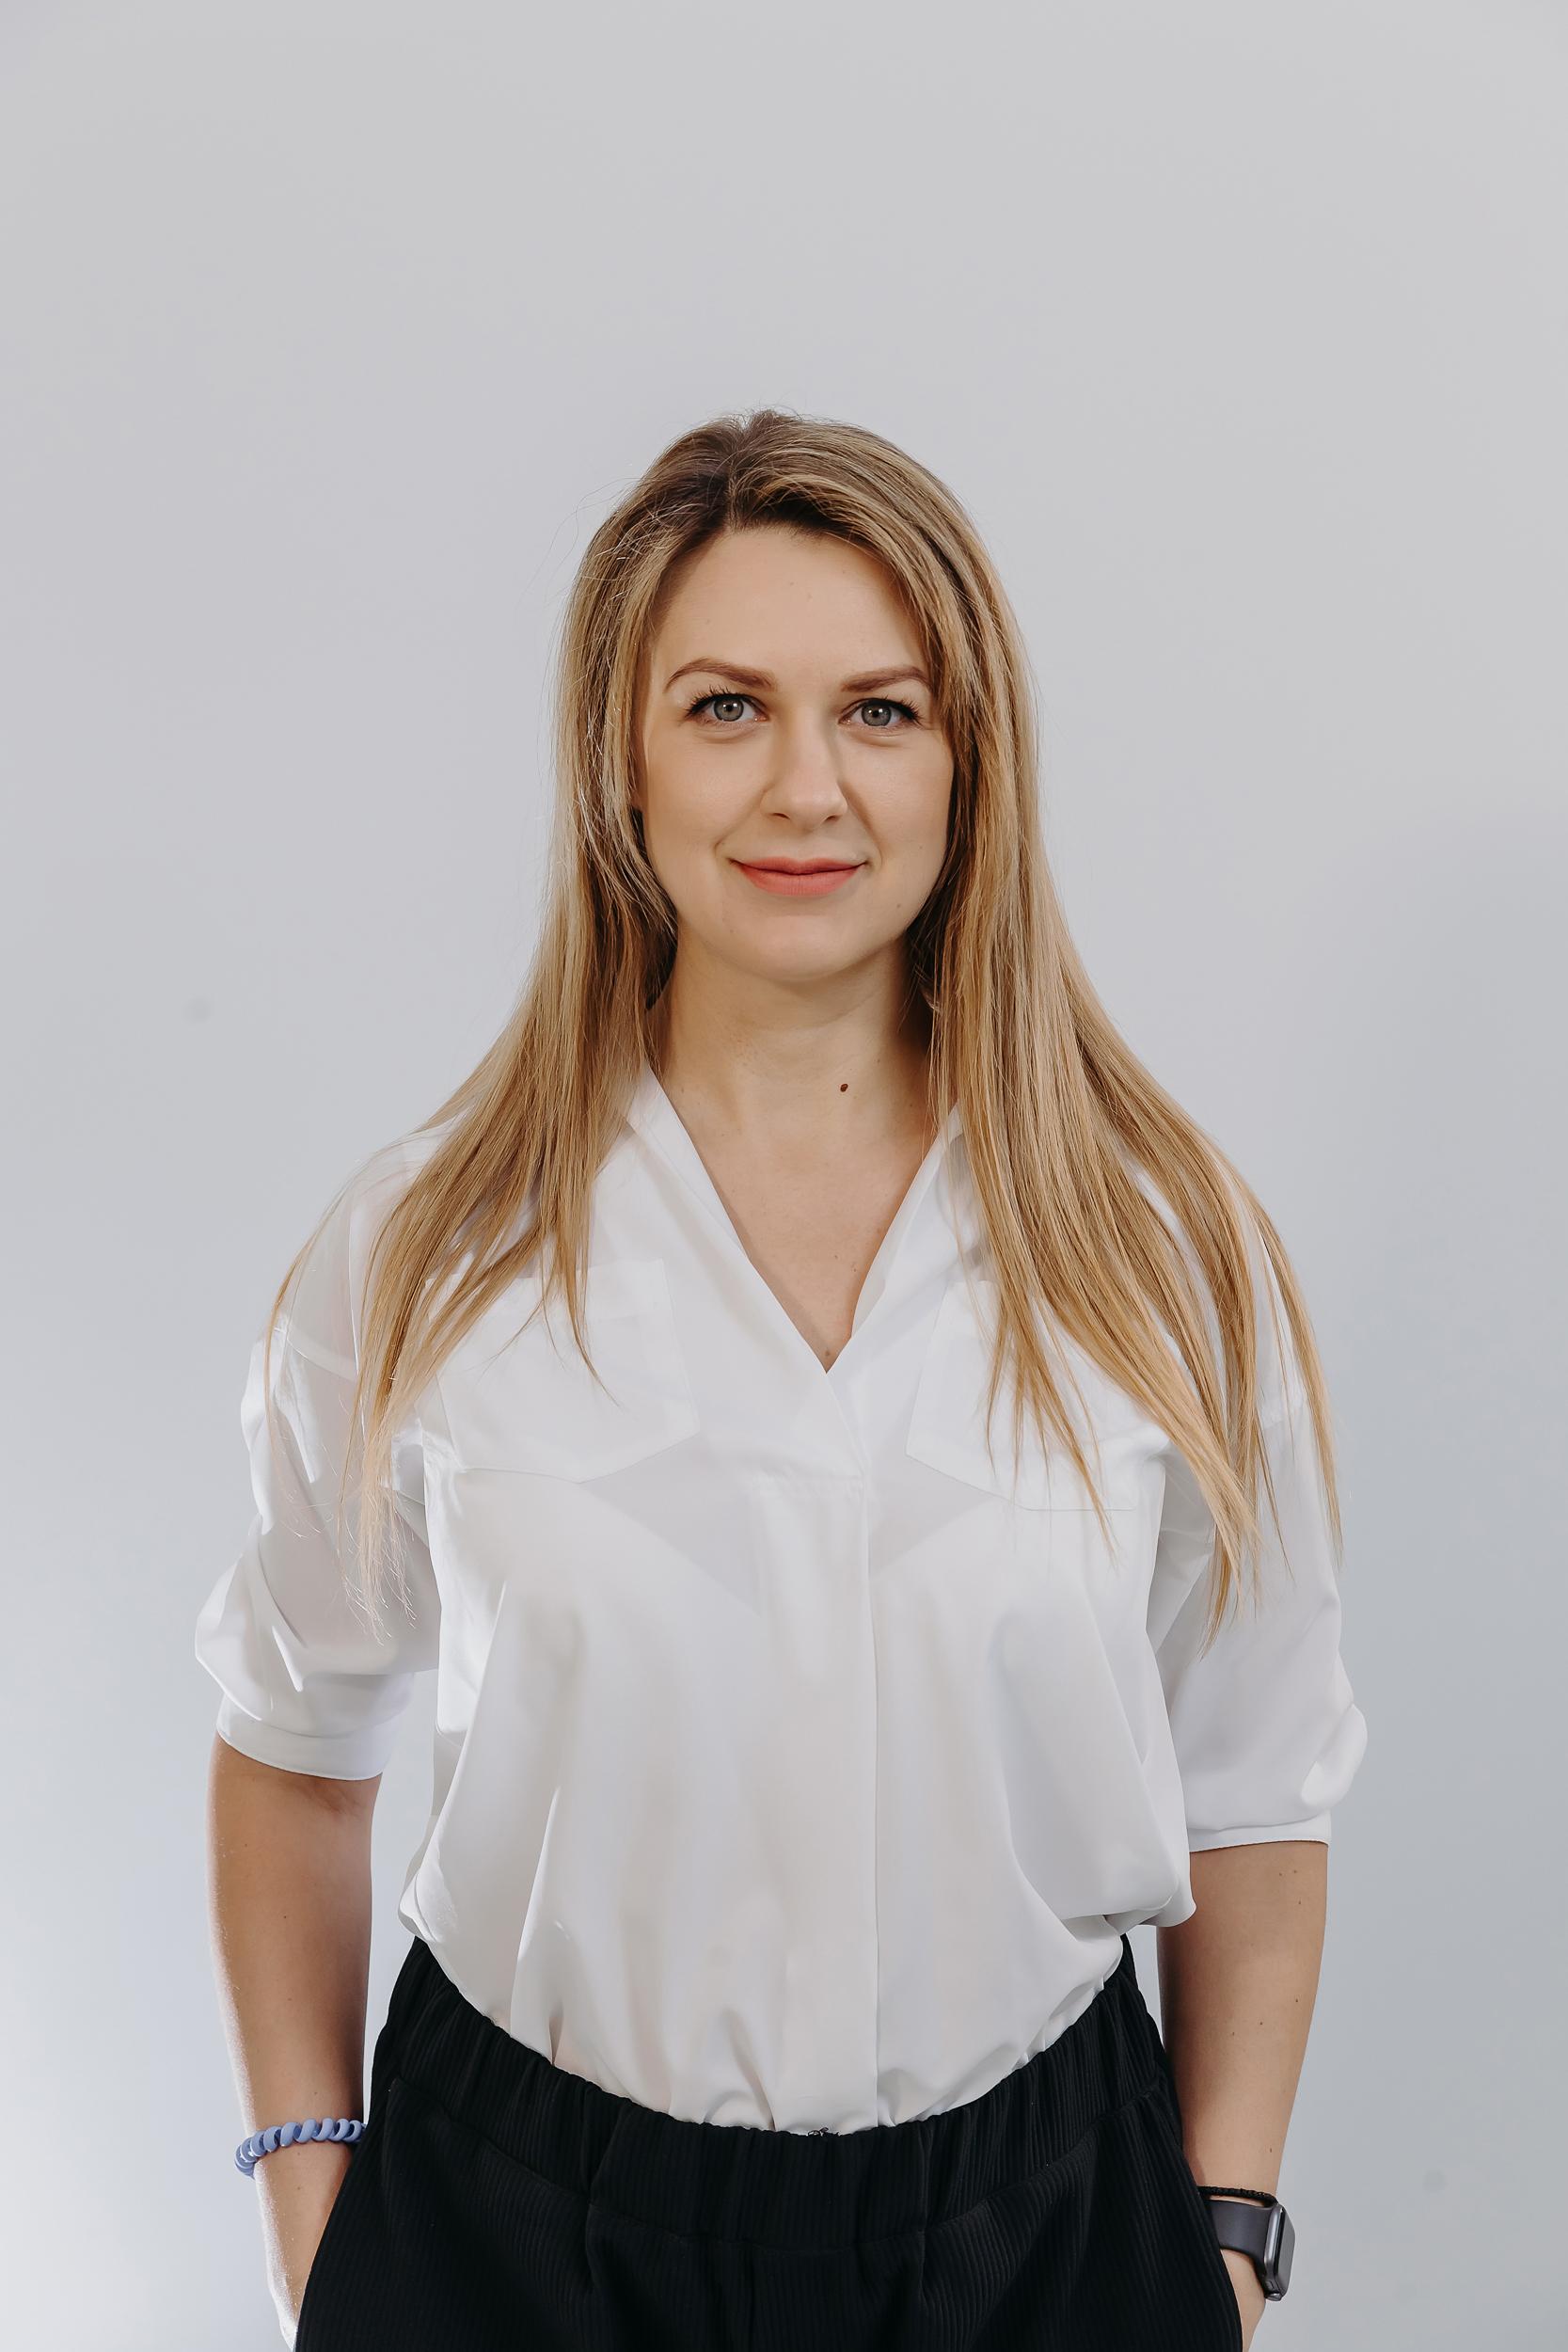 Dina Mardari